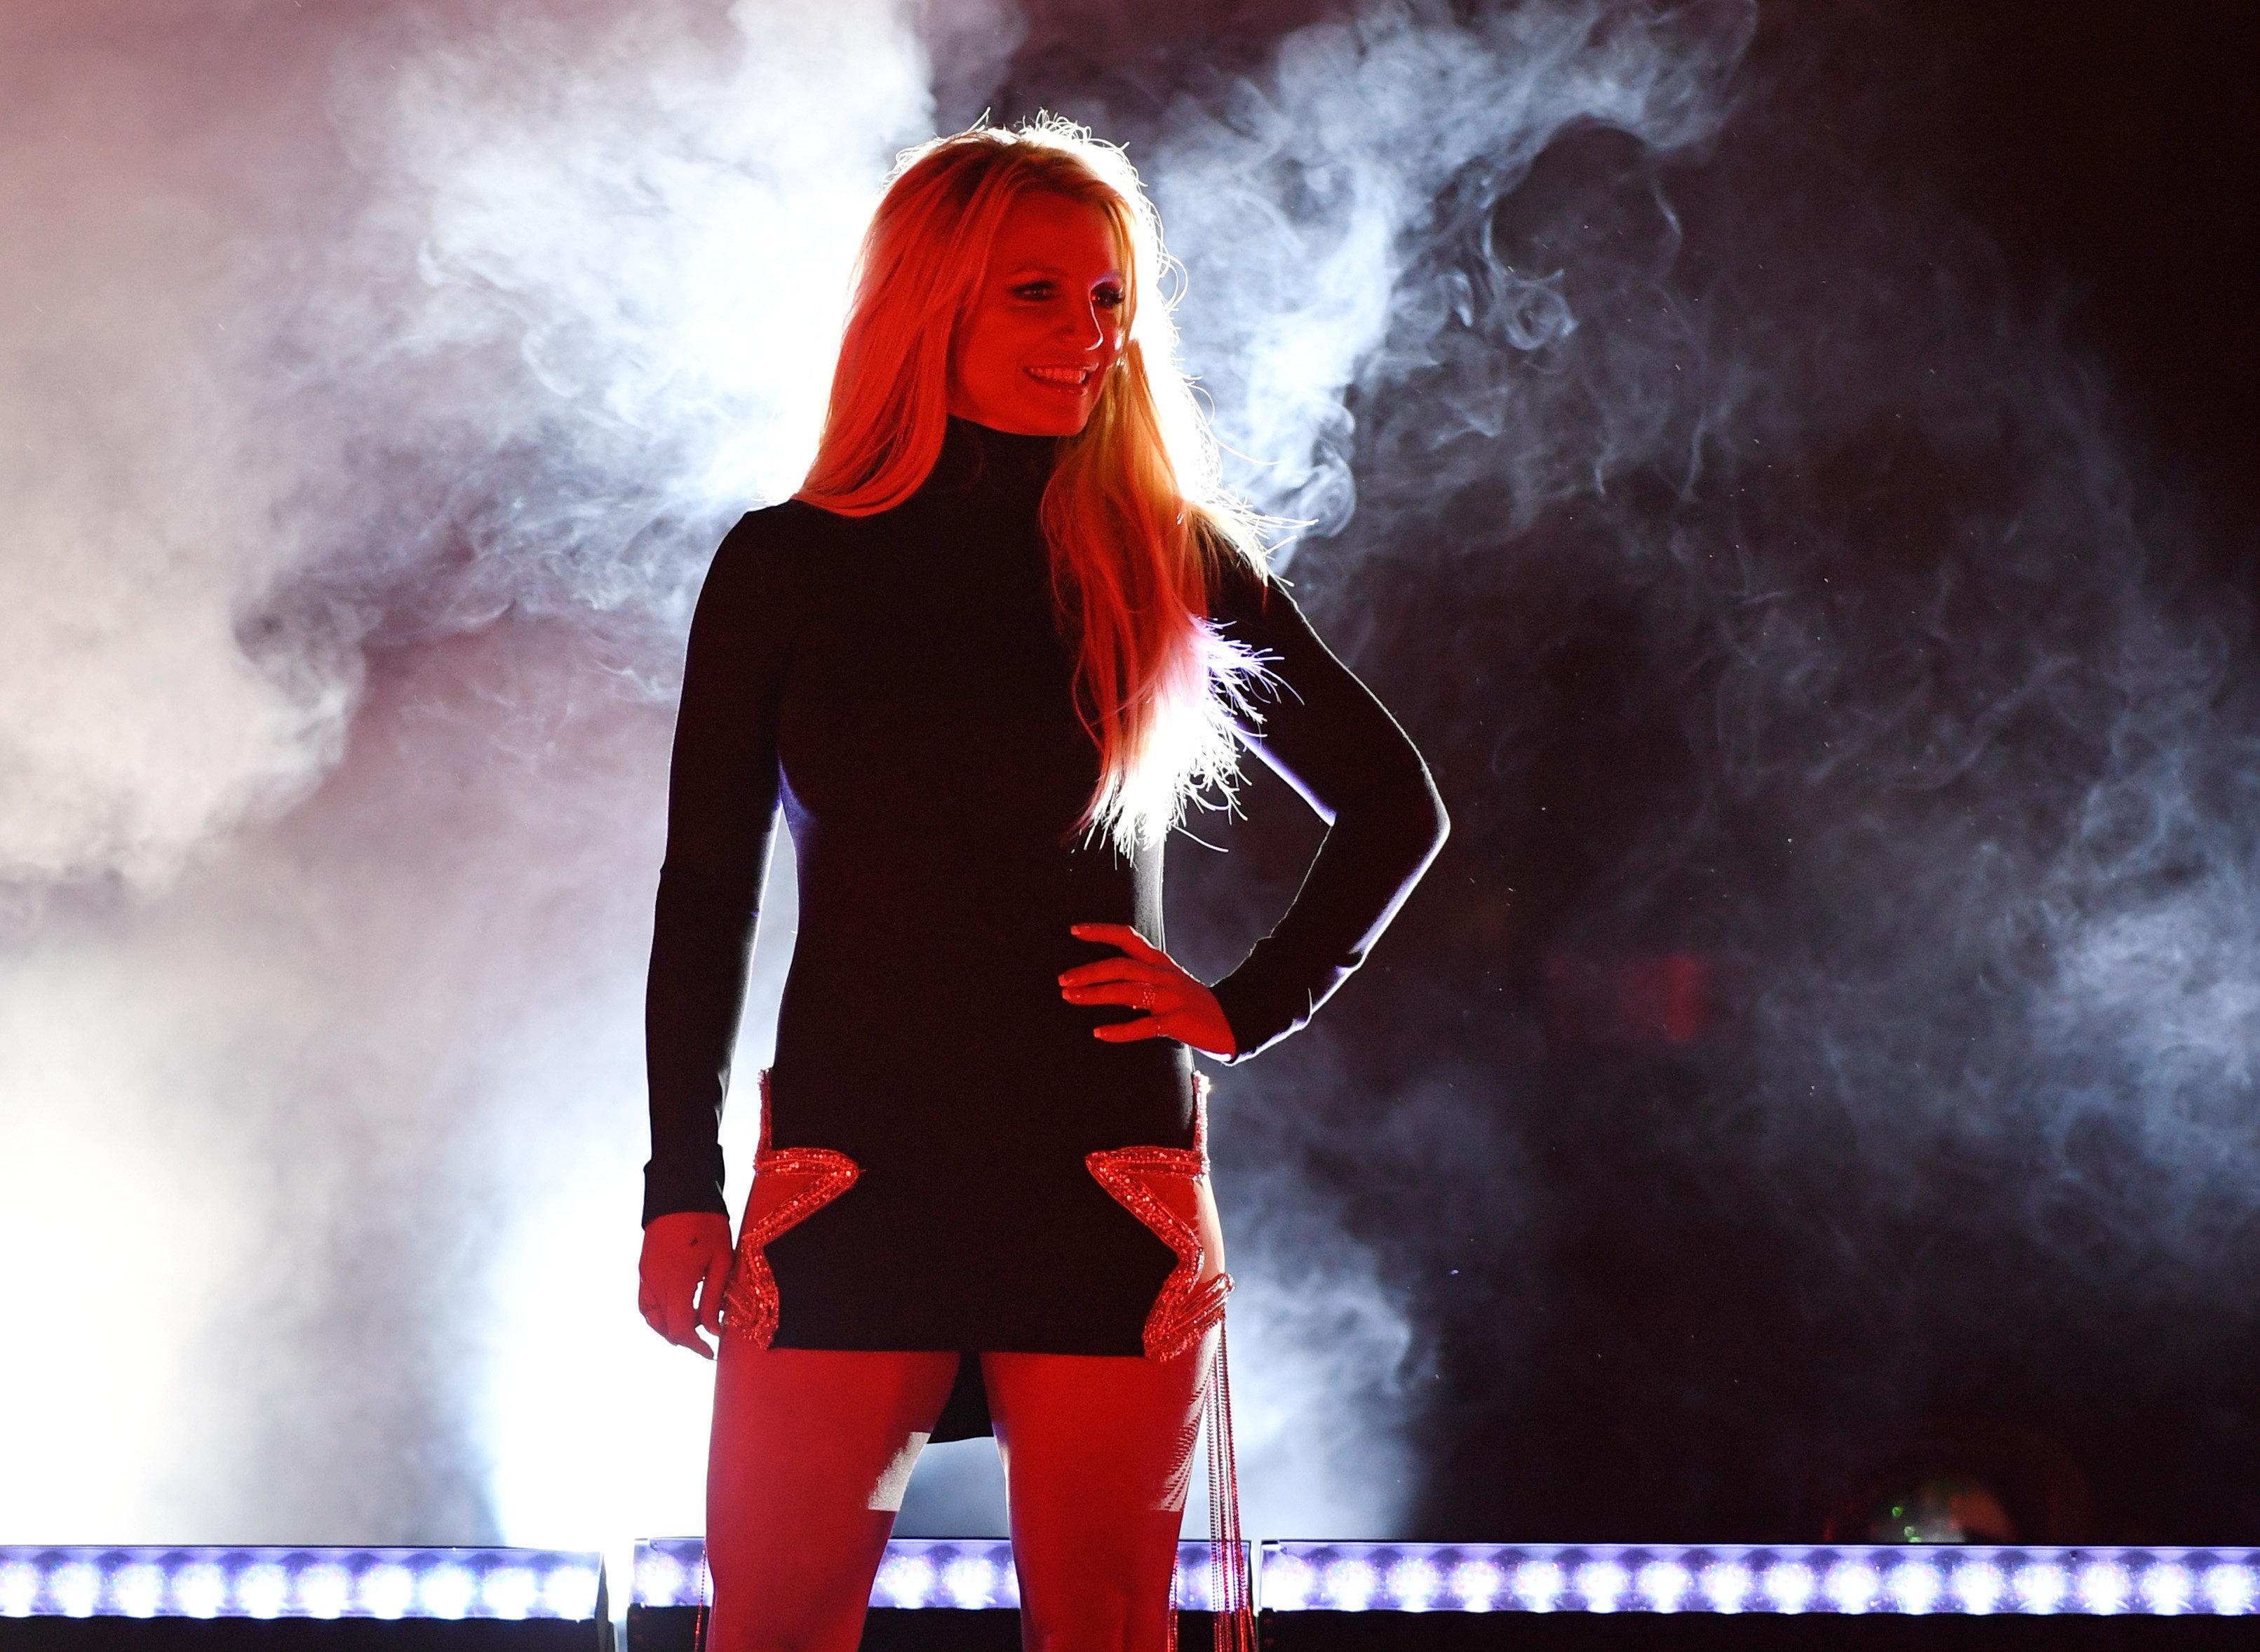 La razón por la que Britney Spears ha ingresado en una clínica